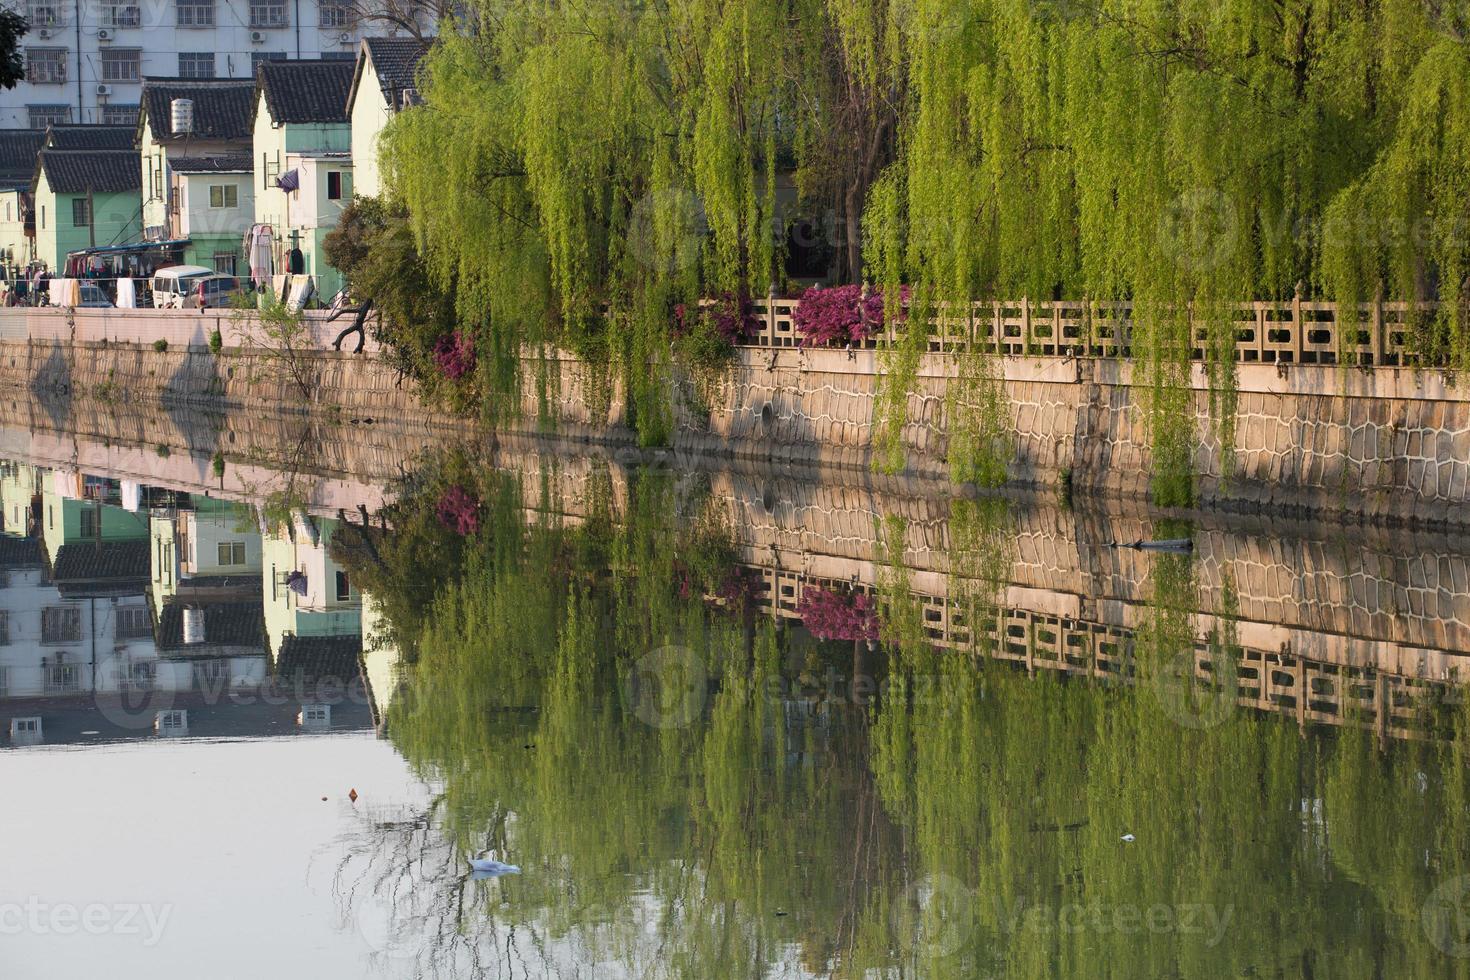 petit canal de suzhou, chine photo